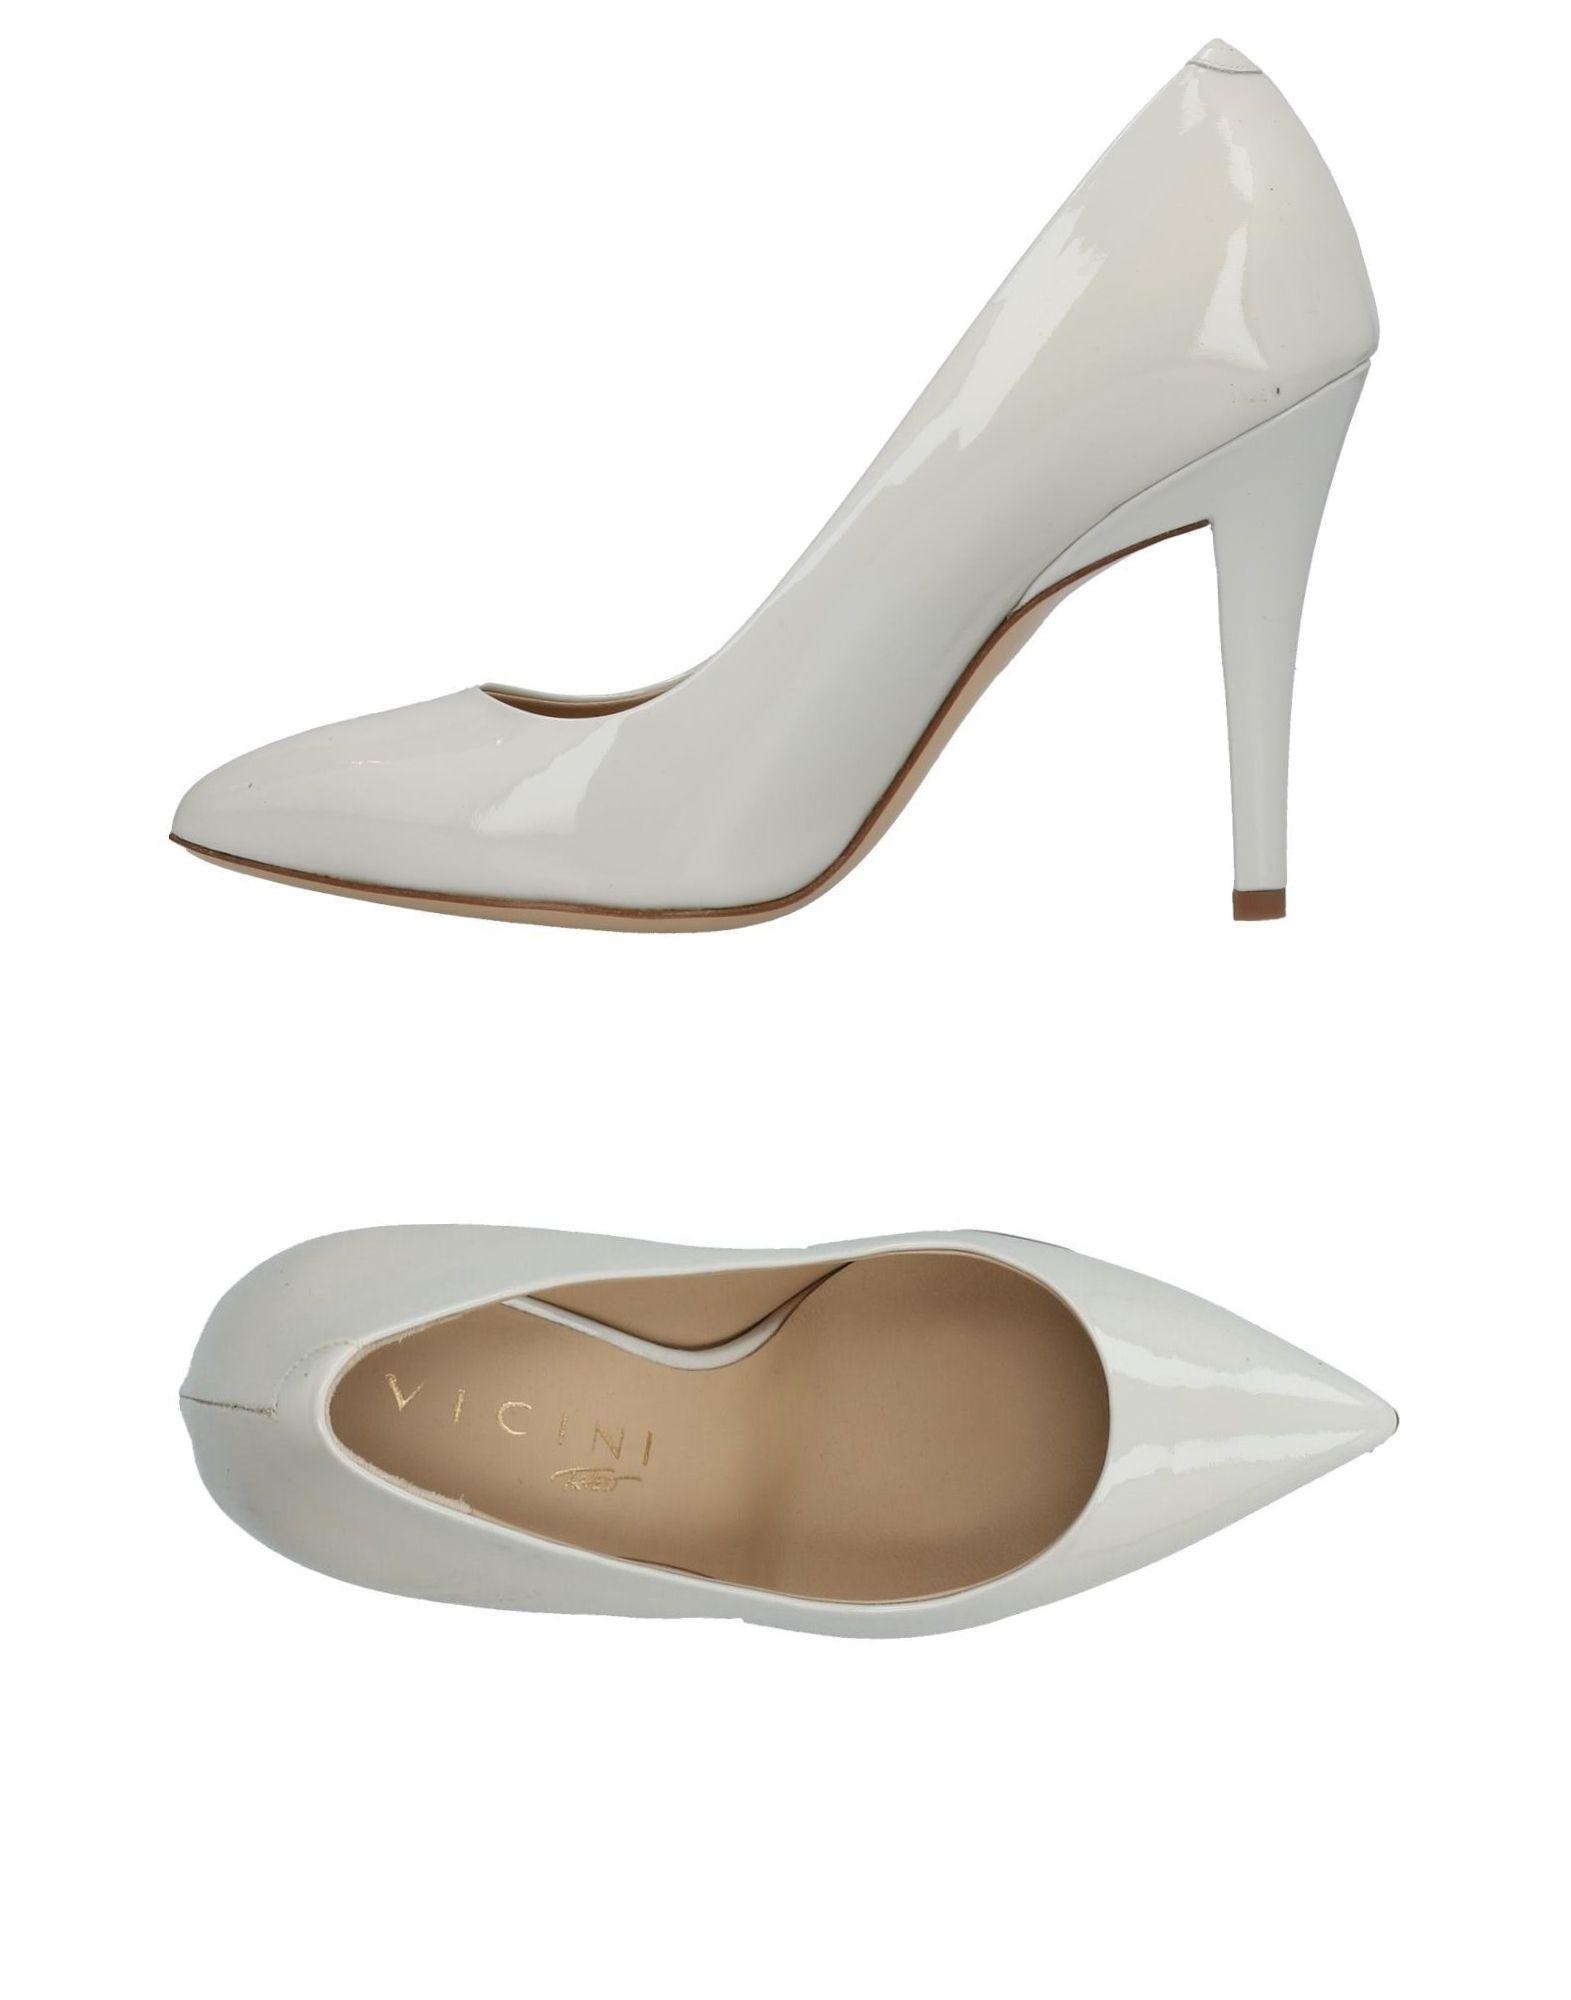 Vicini Tapeet Pumps Damen  11420360DH Gute Qualität beliebte Schuhe